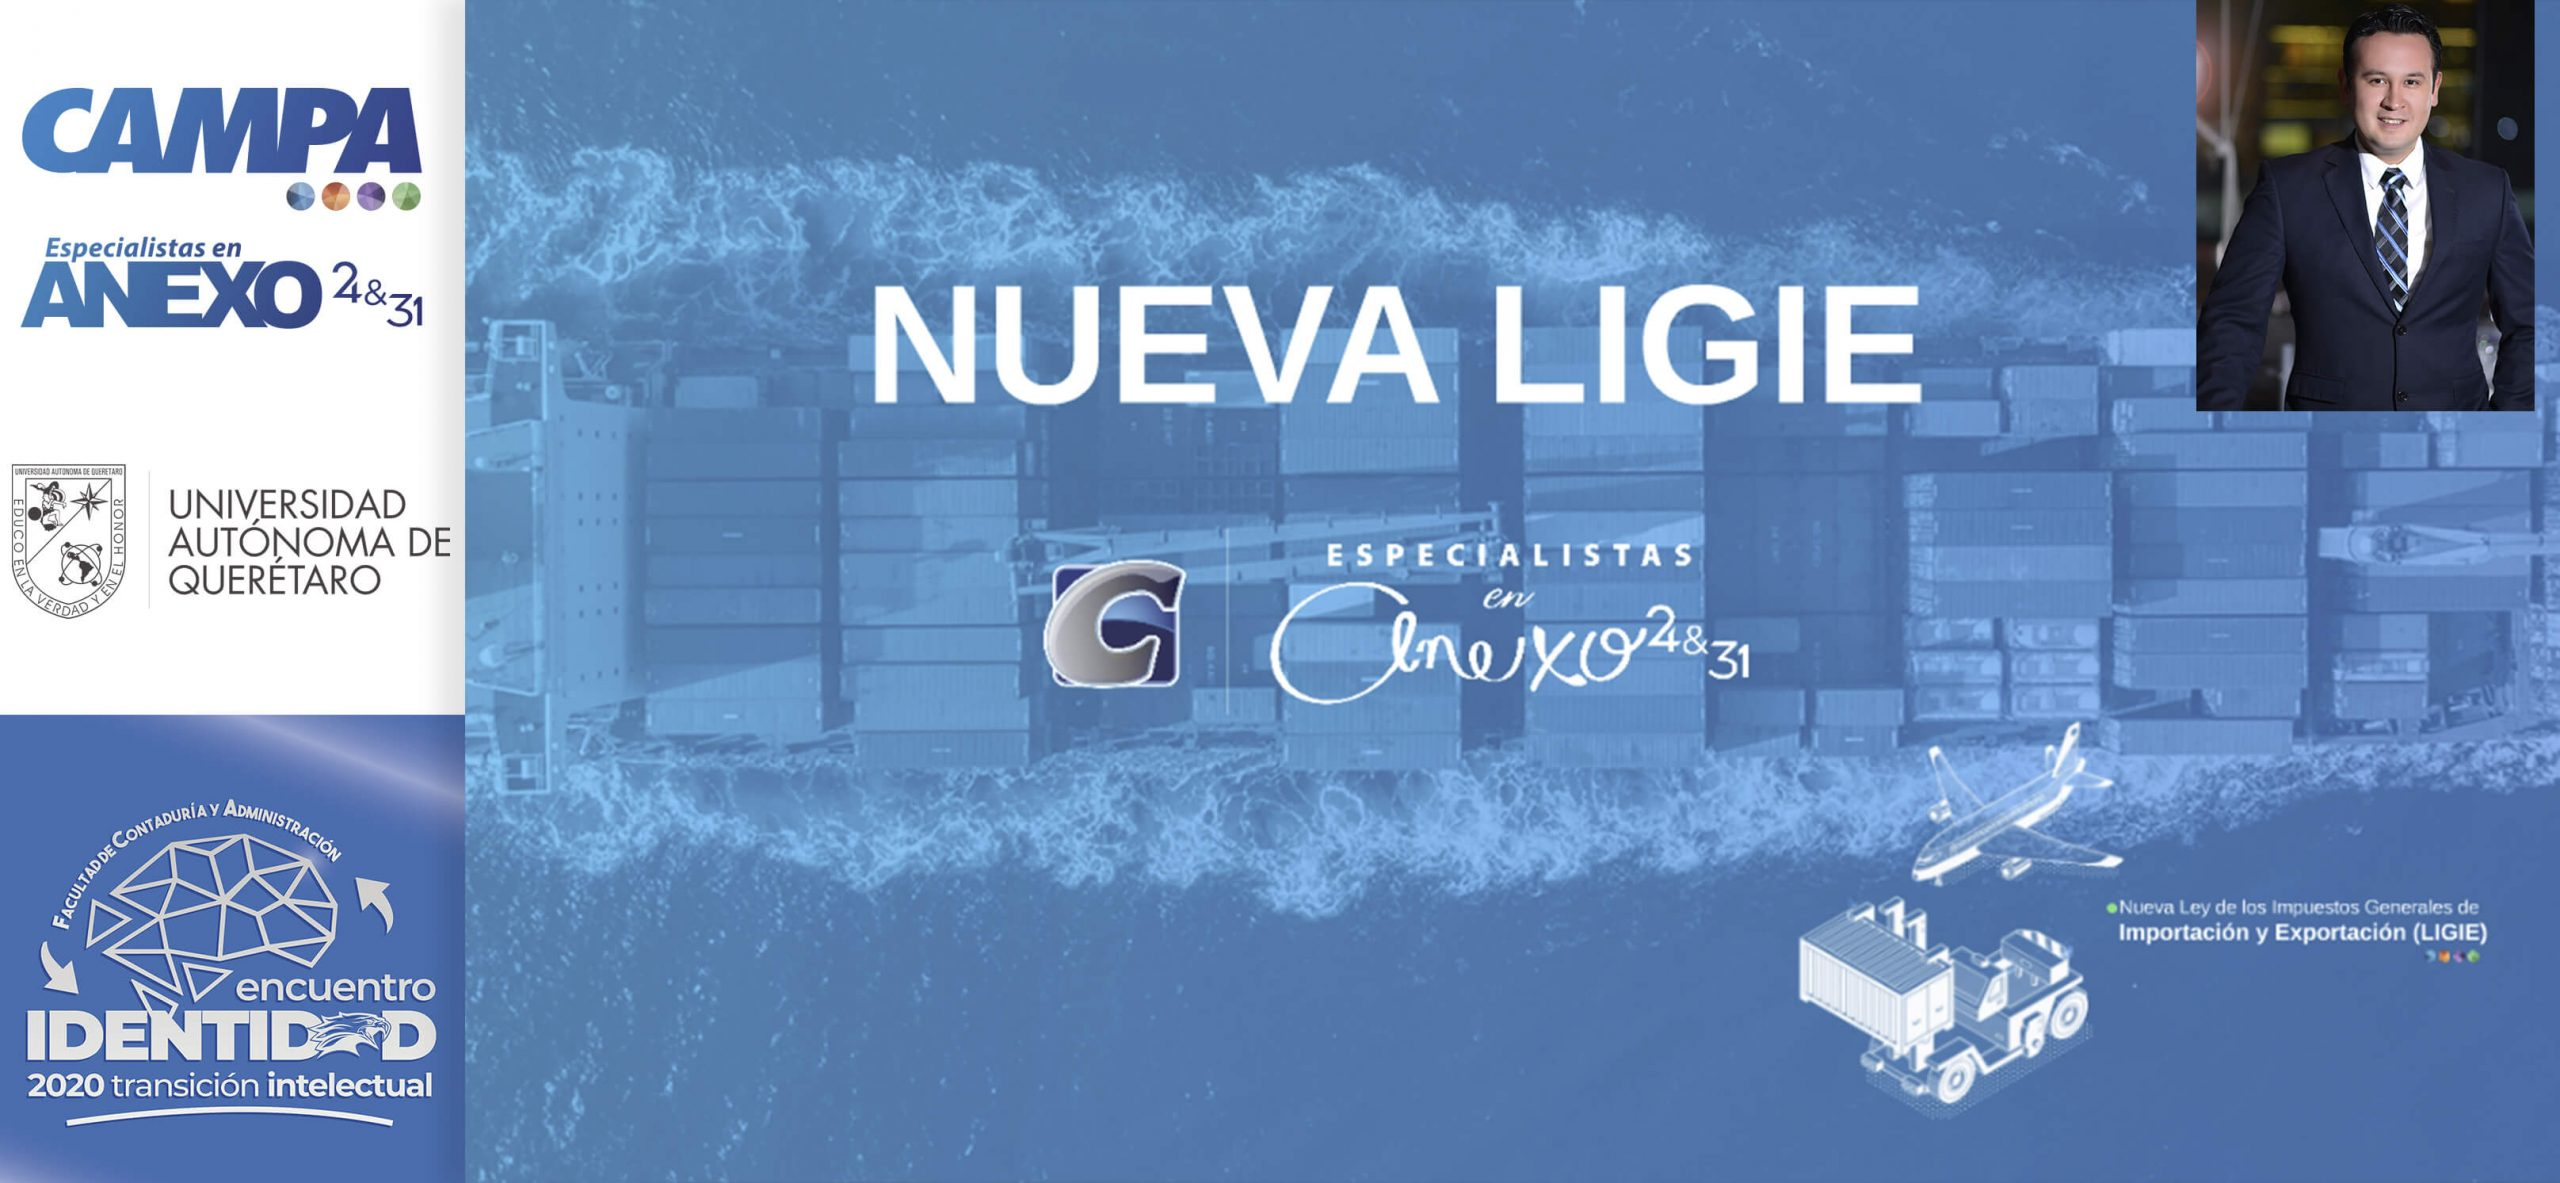 La Nueva LIGIE- ENCUENTRO IDENTIDAD 2020 UAQ